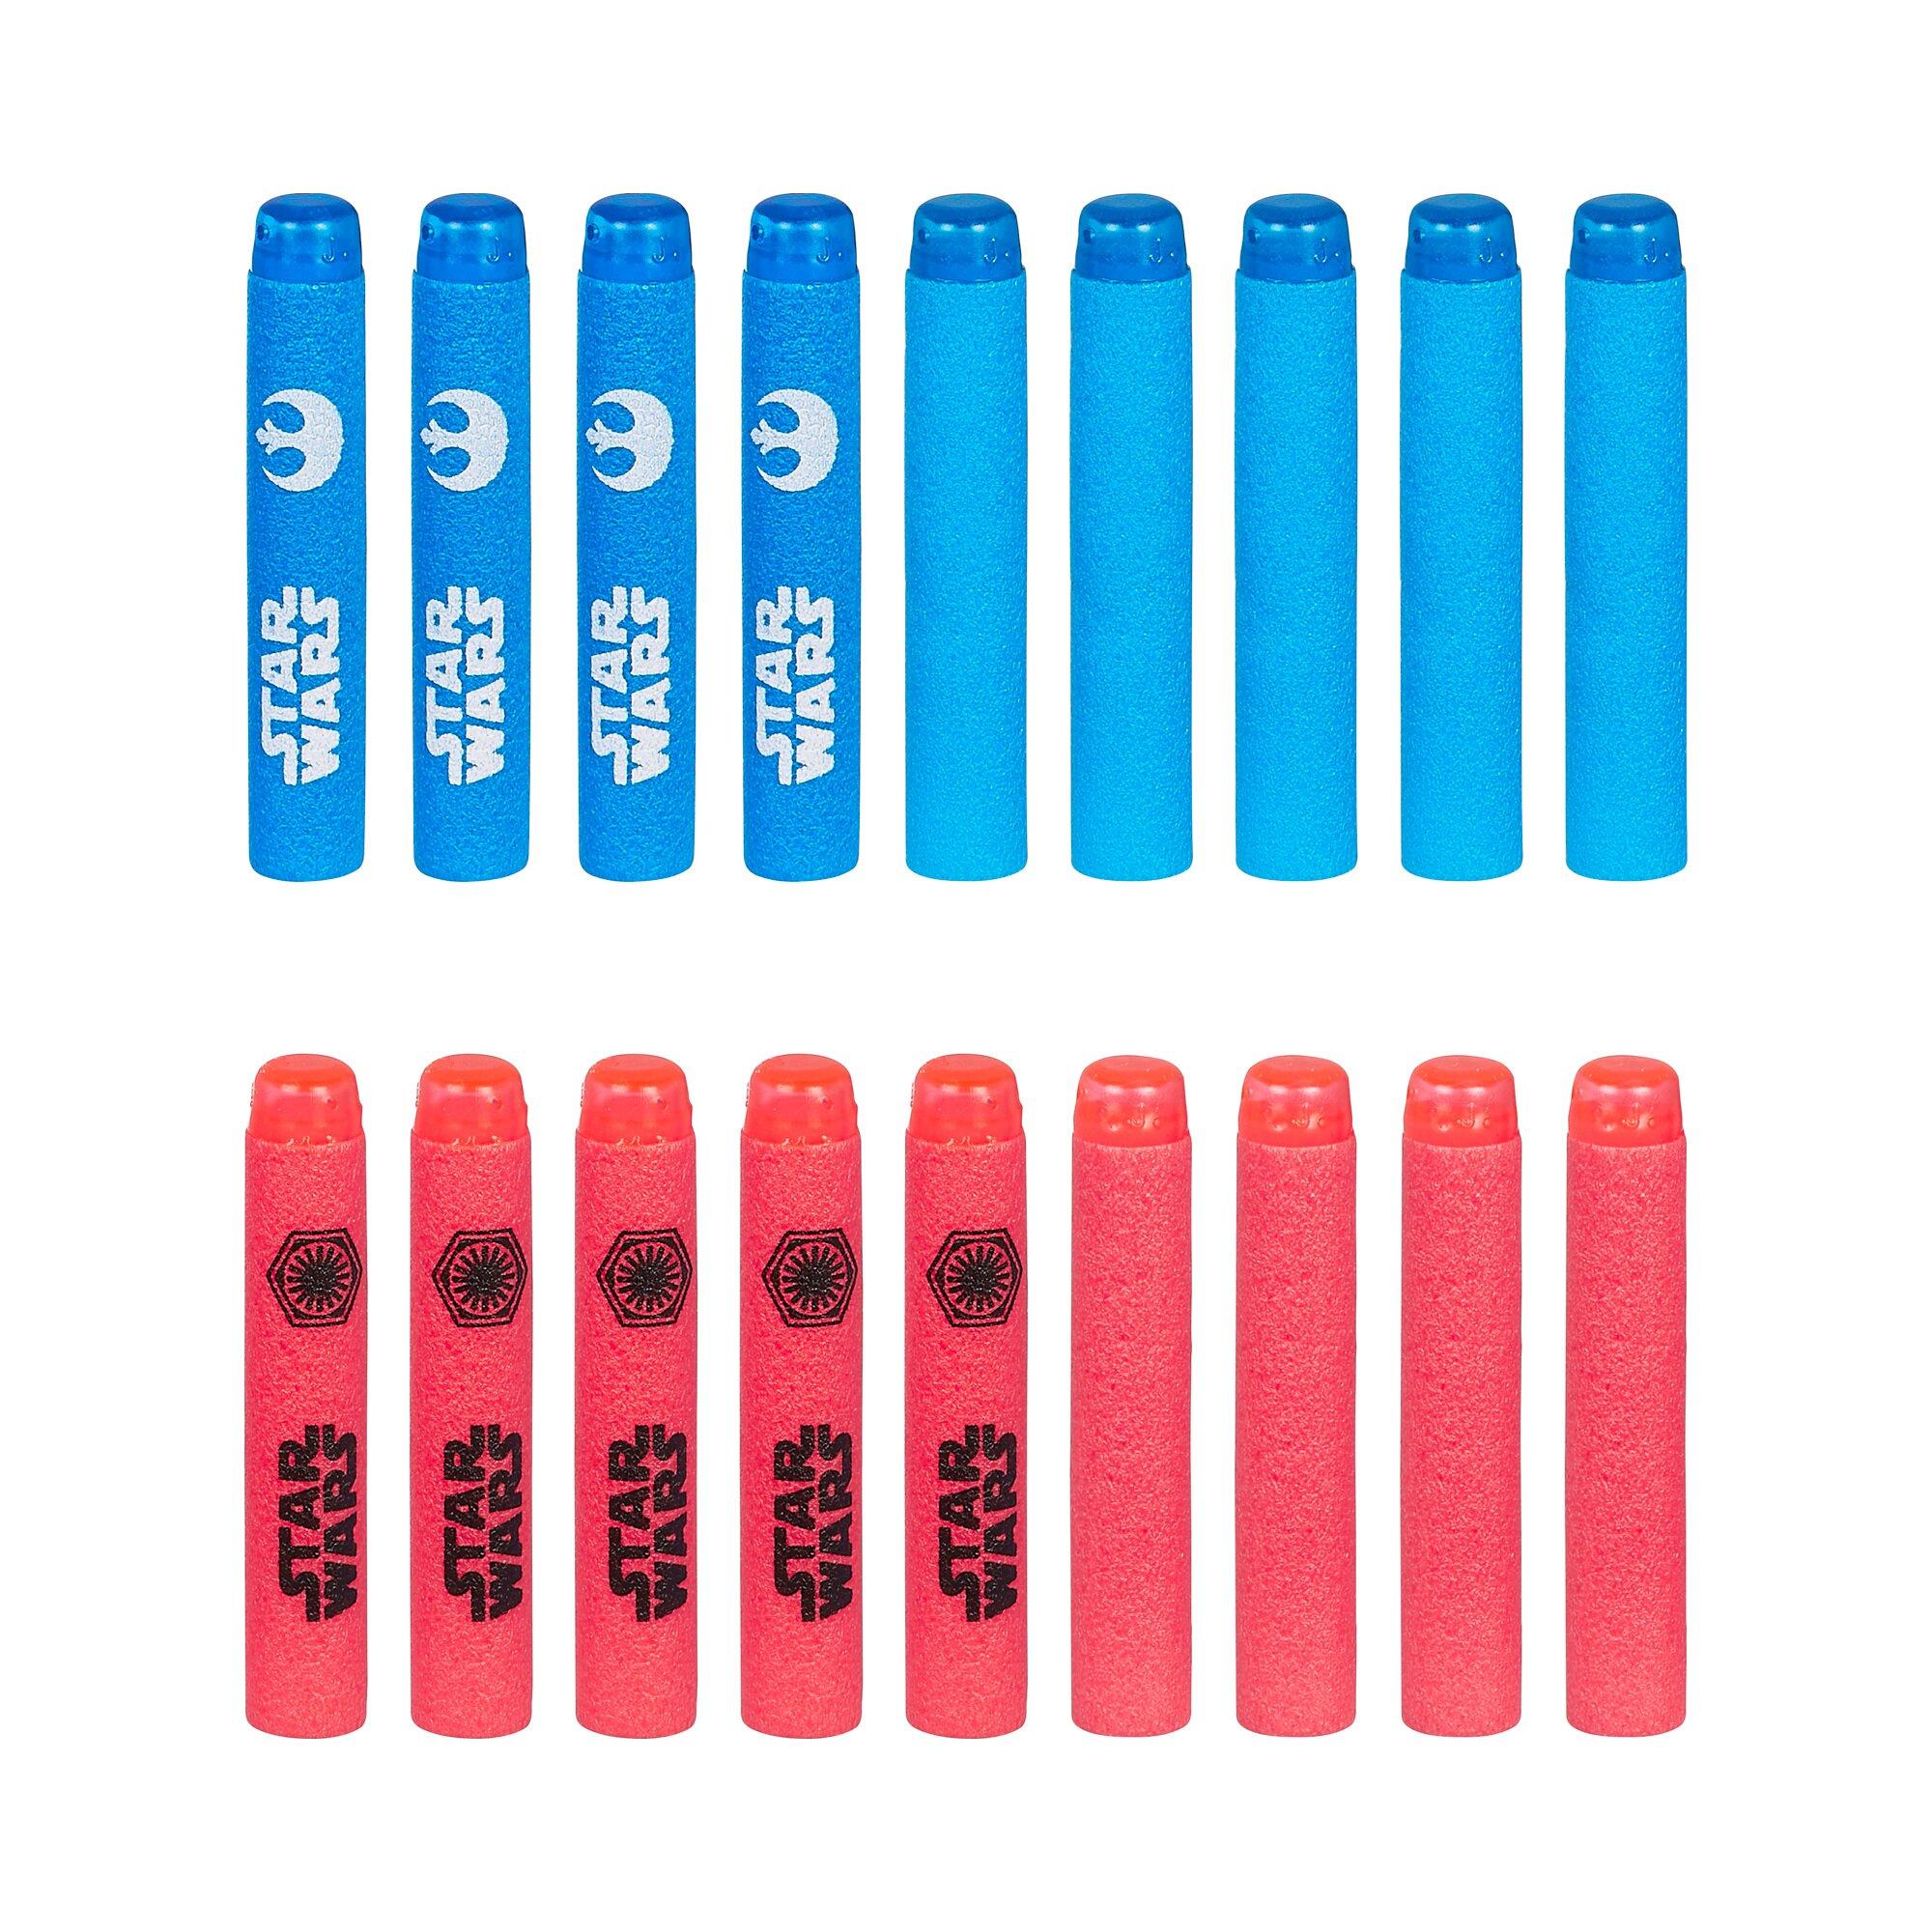 star-wars-nachfullpack-inhalt-18-darts, 2.00 EUR @ babywalz-de